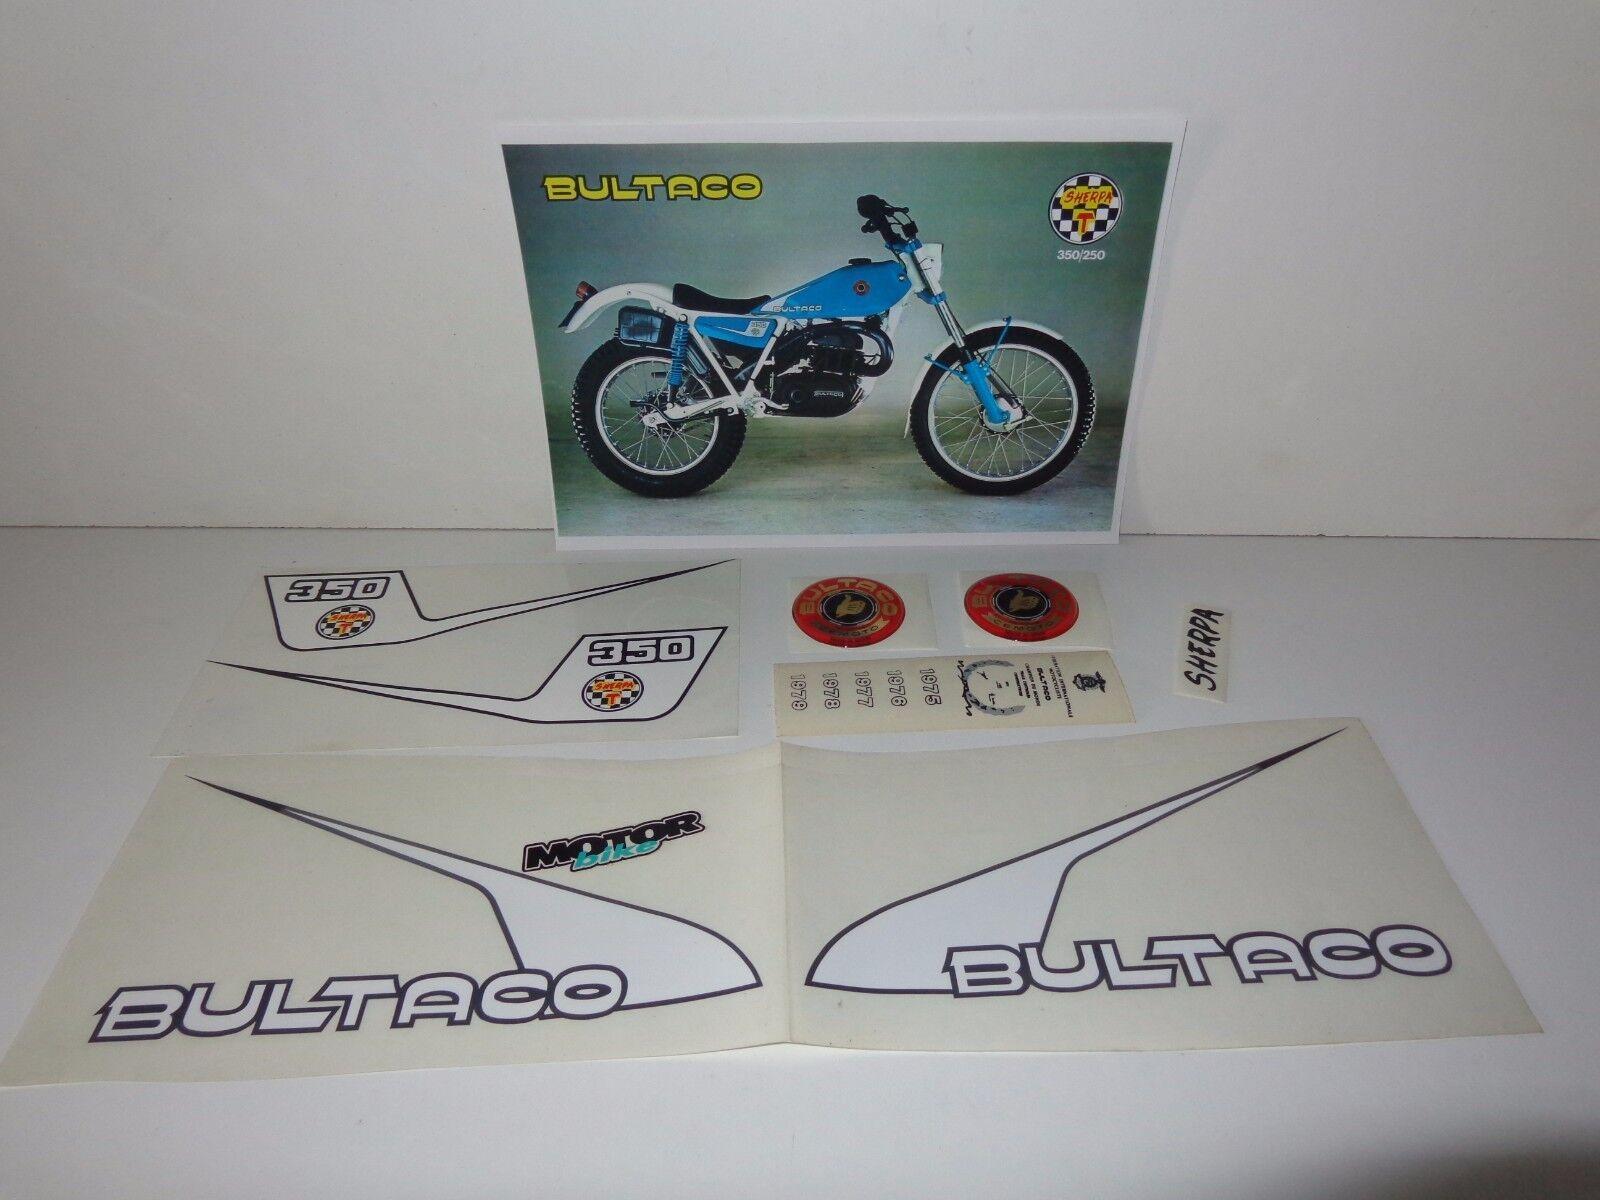 Bultaco sherpa 250 and 350 blueee 198B and 199B